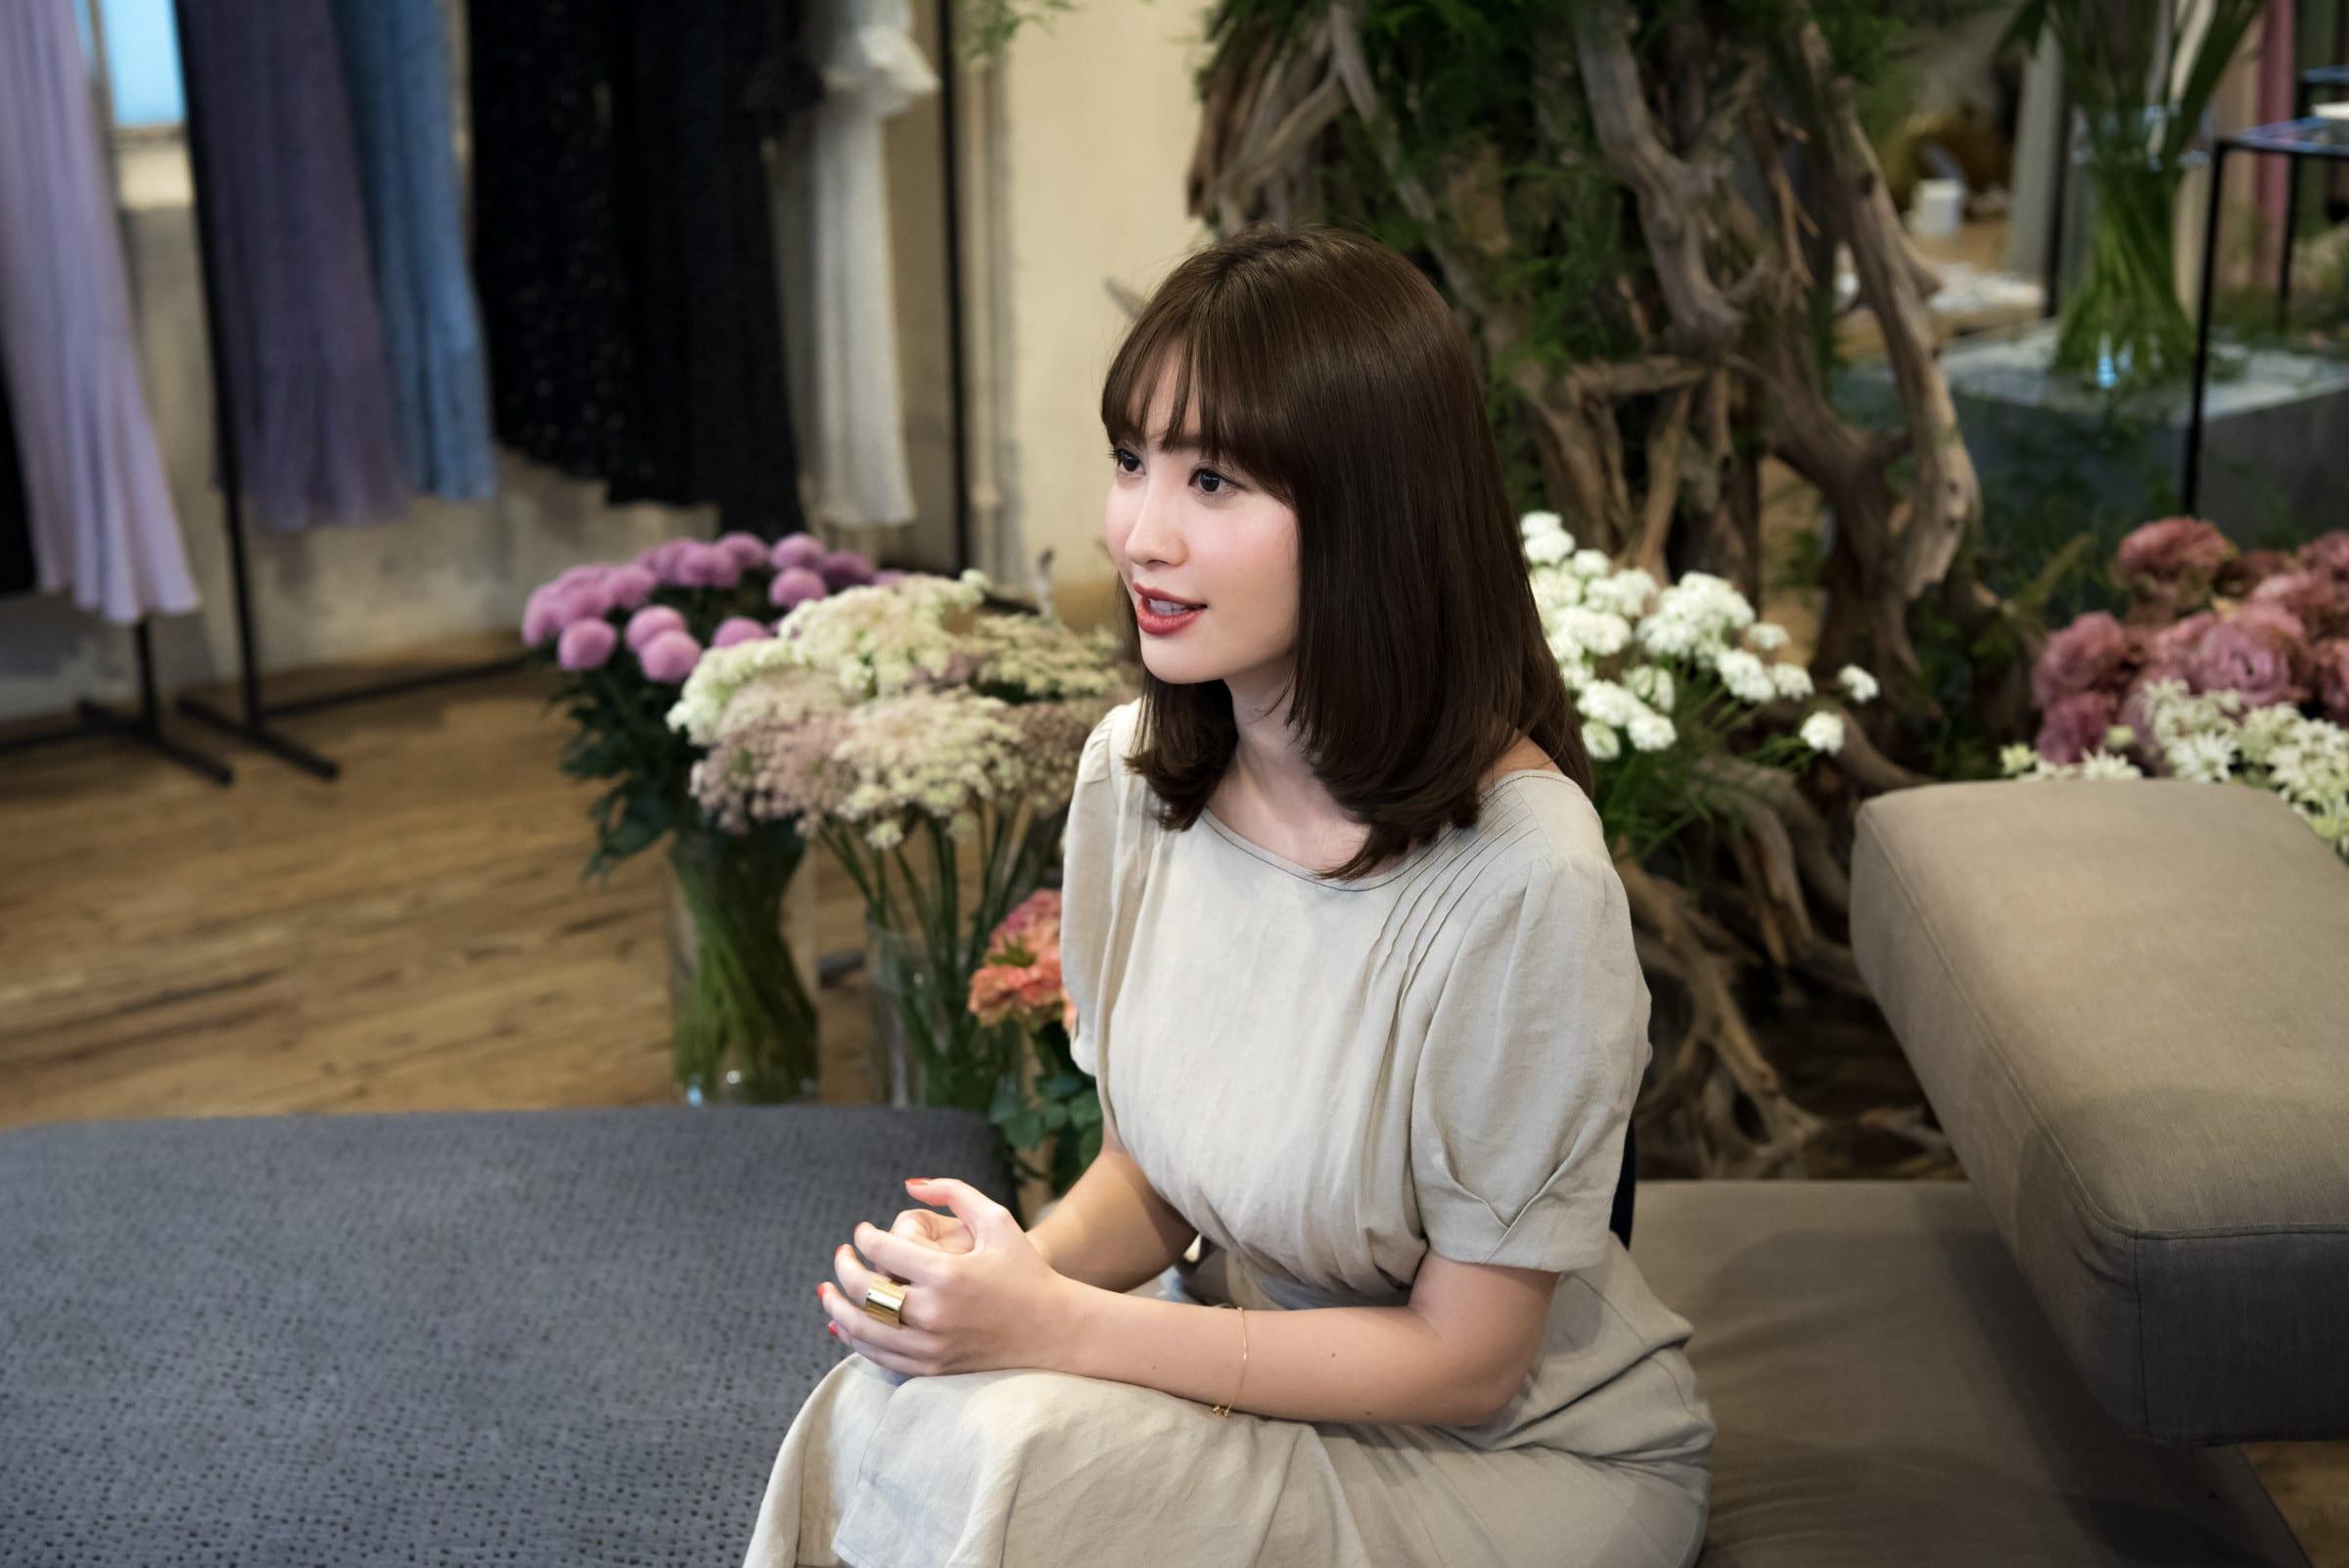 90f7bcb799f AKB48卒業から2年、小嶋陽菜が選んだファッションの道とこれからのコト